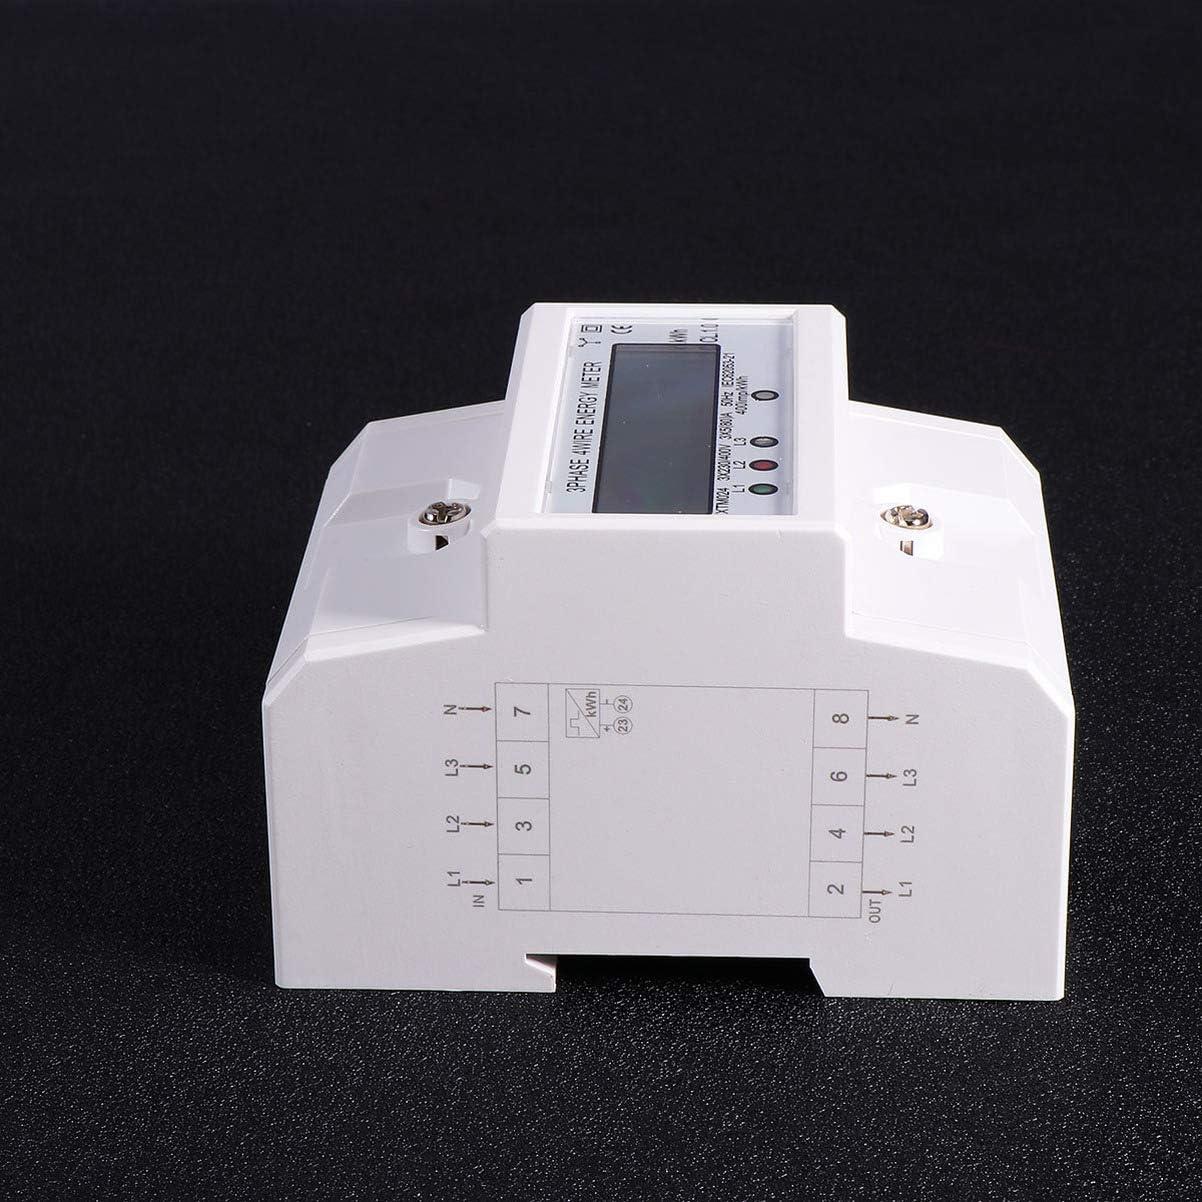 Garneck Medidor de Consumo El/éctrico Multifuncional 50Hz 5 80A Medidor de Energ/ía 3 Fases 4 Cables Monitor Din Rail para Oficina en Casa